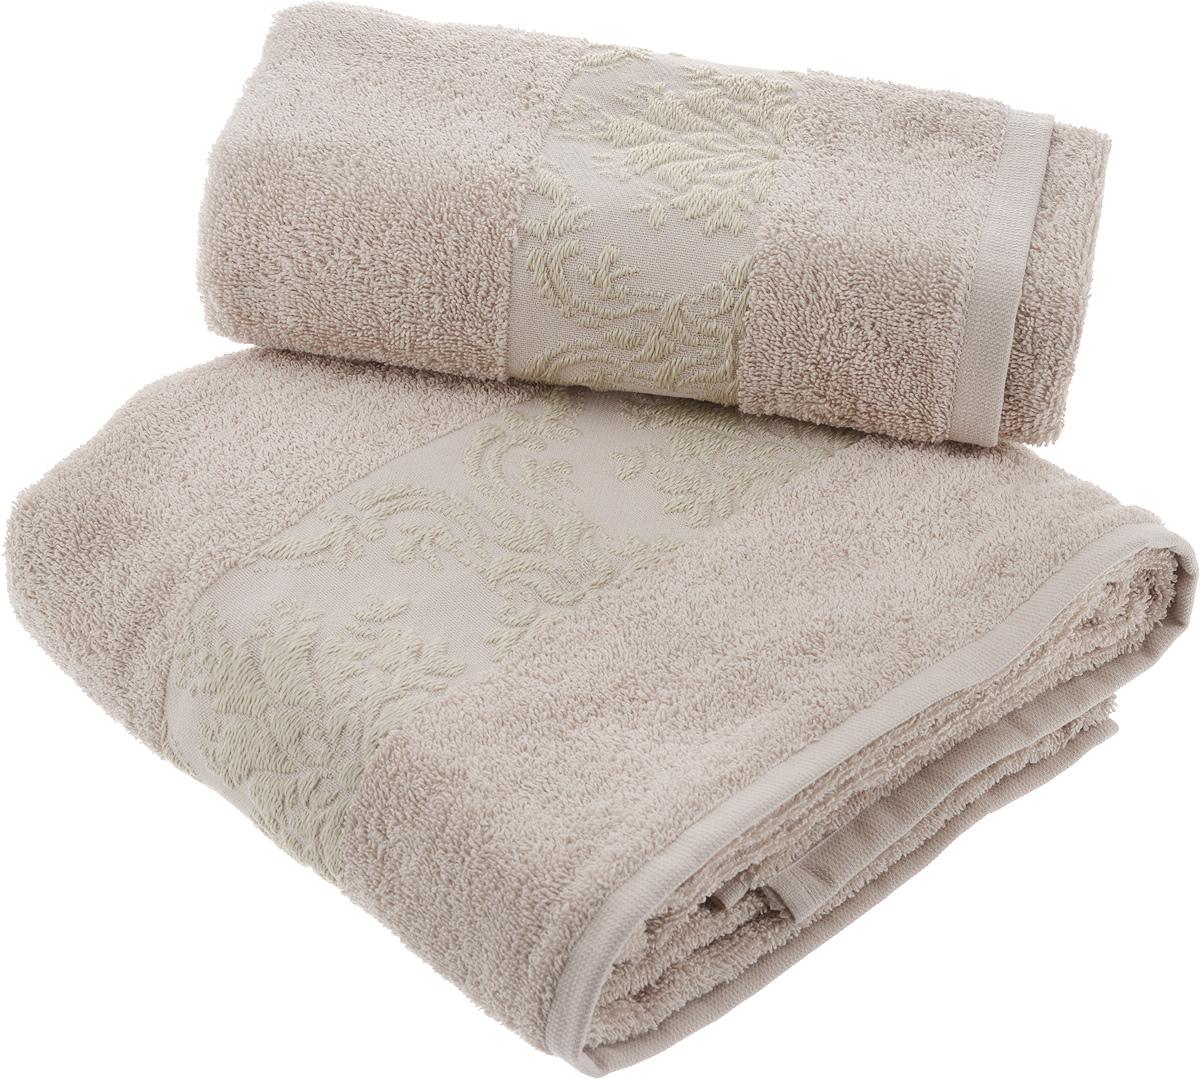 Набор махровых полотенец Hobby Home Collection Ruzanna, цвет: светло-коричневый, 2 шт набор махровых полотенец issimo home jacquelyn цвет бежевый 30 x 50 см 4 шт